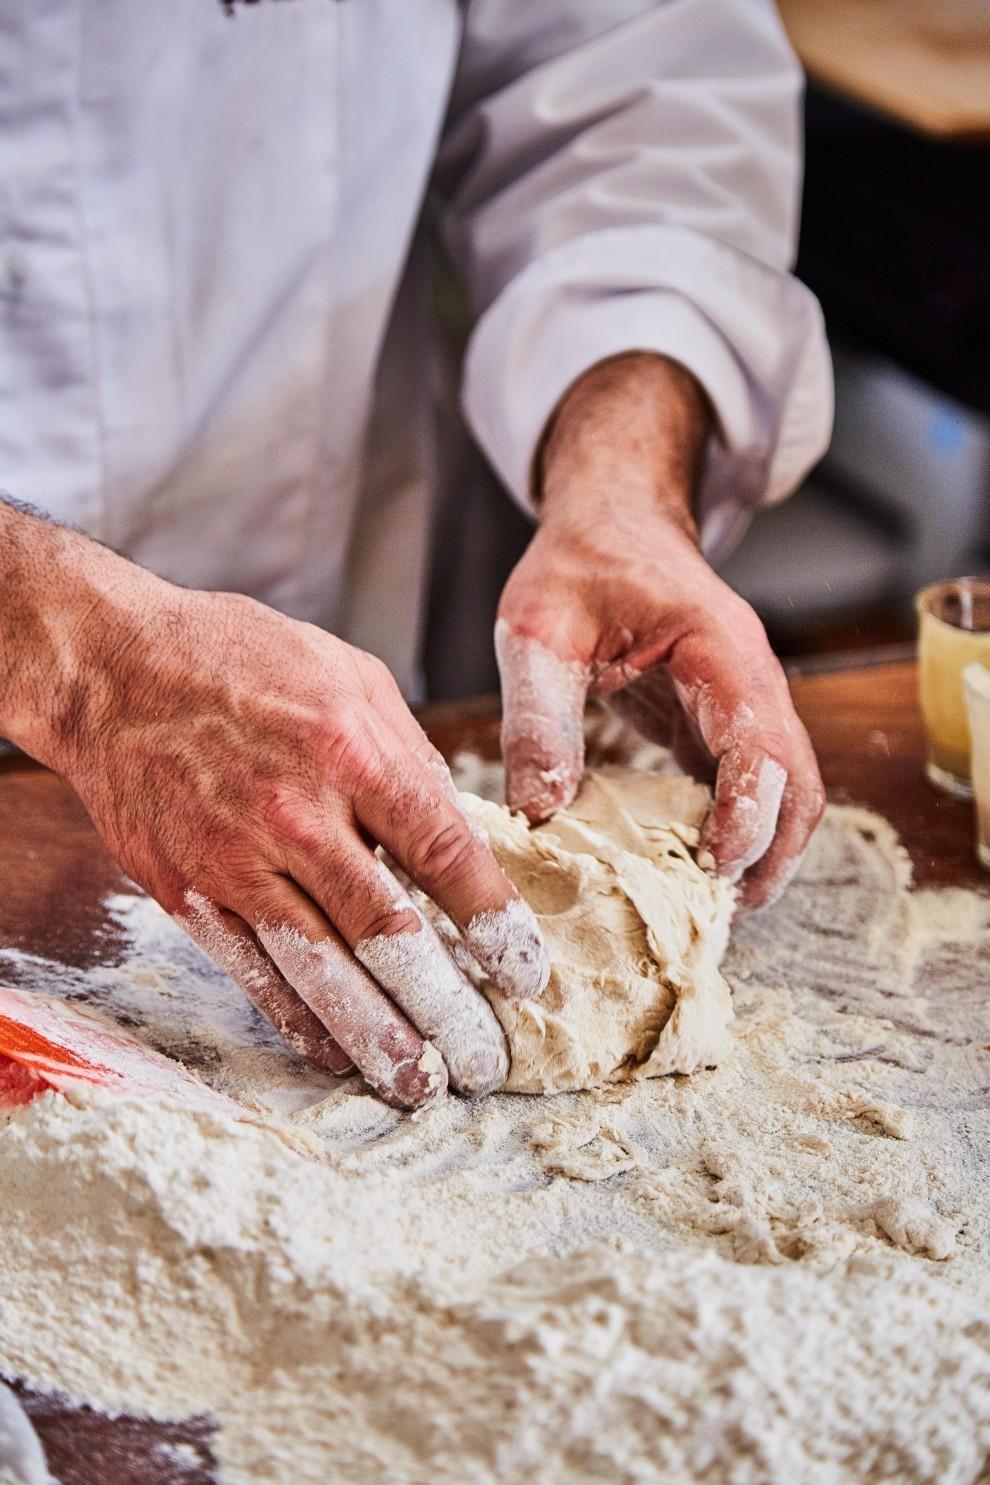 Il pane ha bisogno del lievito come un bambino del latte materno. Se ben alimentato crescerà più sano e se il lievito utilizzato è naturale, puro e integro, il prodotto finale sarà più buono. Il fornaio scruta la sua pagnotta ogni giorno, le sue mani la modellano, il suo occhio la accarezza. La vita del pane sarà tanto più lunga quanto l'umidità sarà conservata.